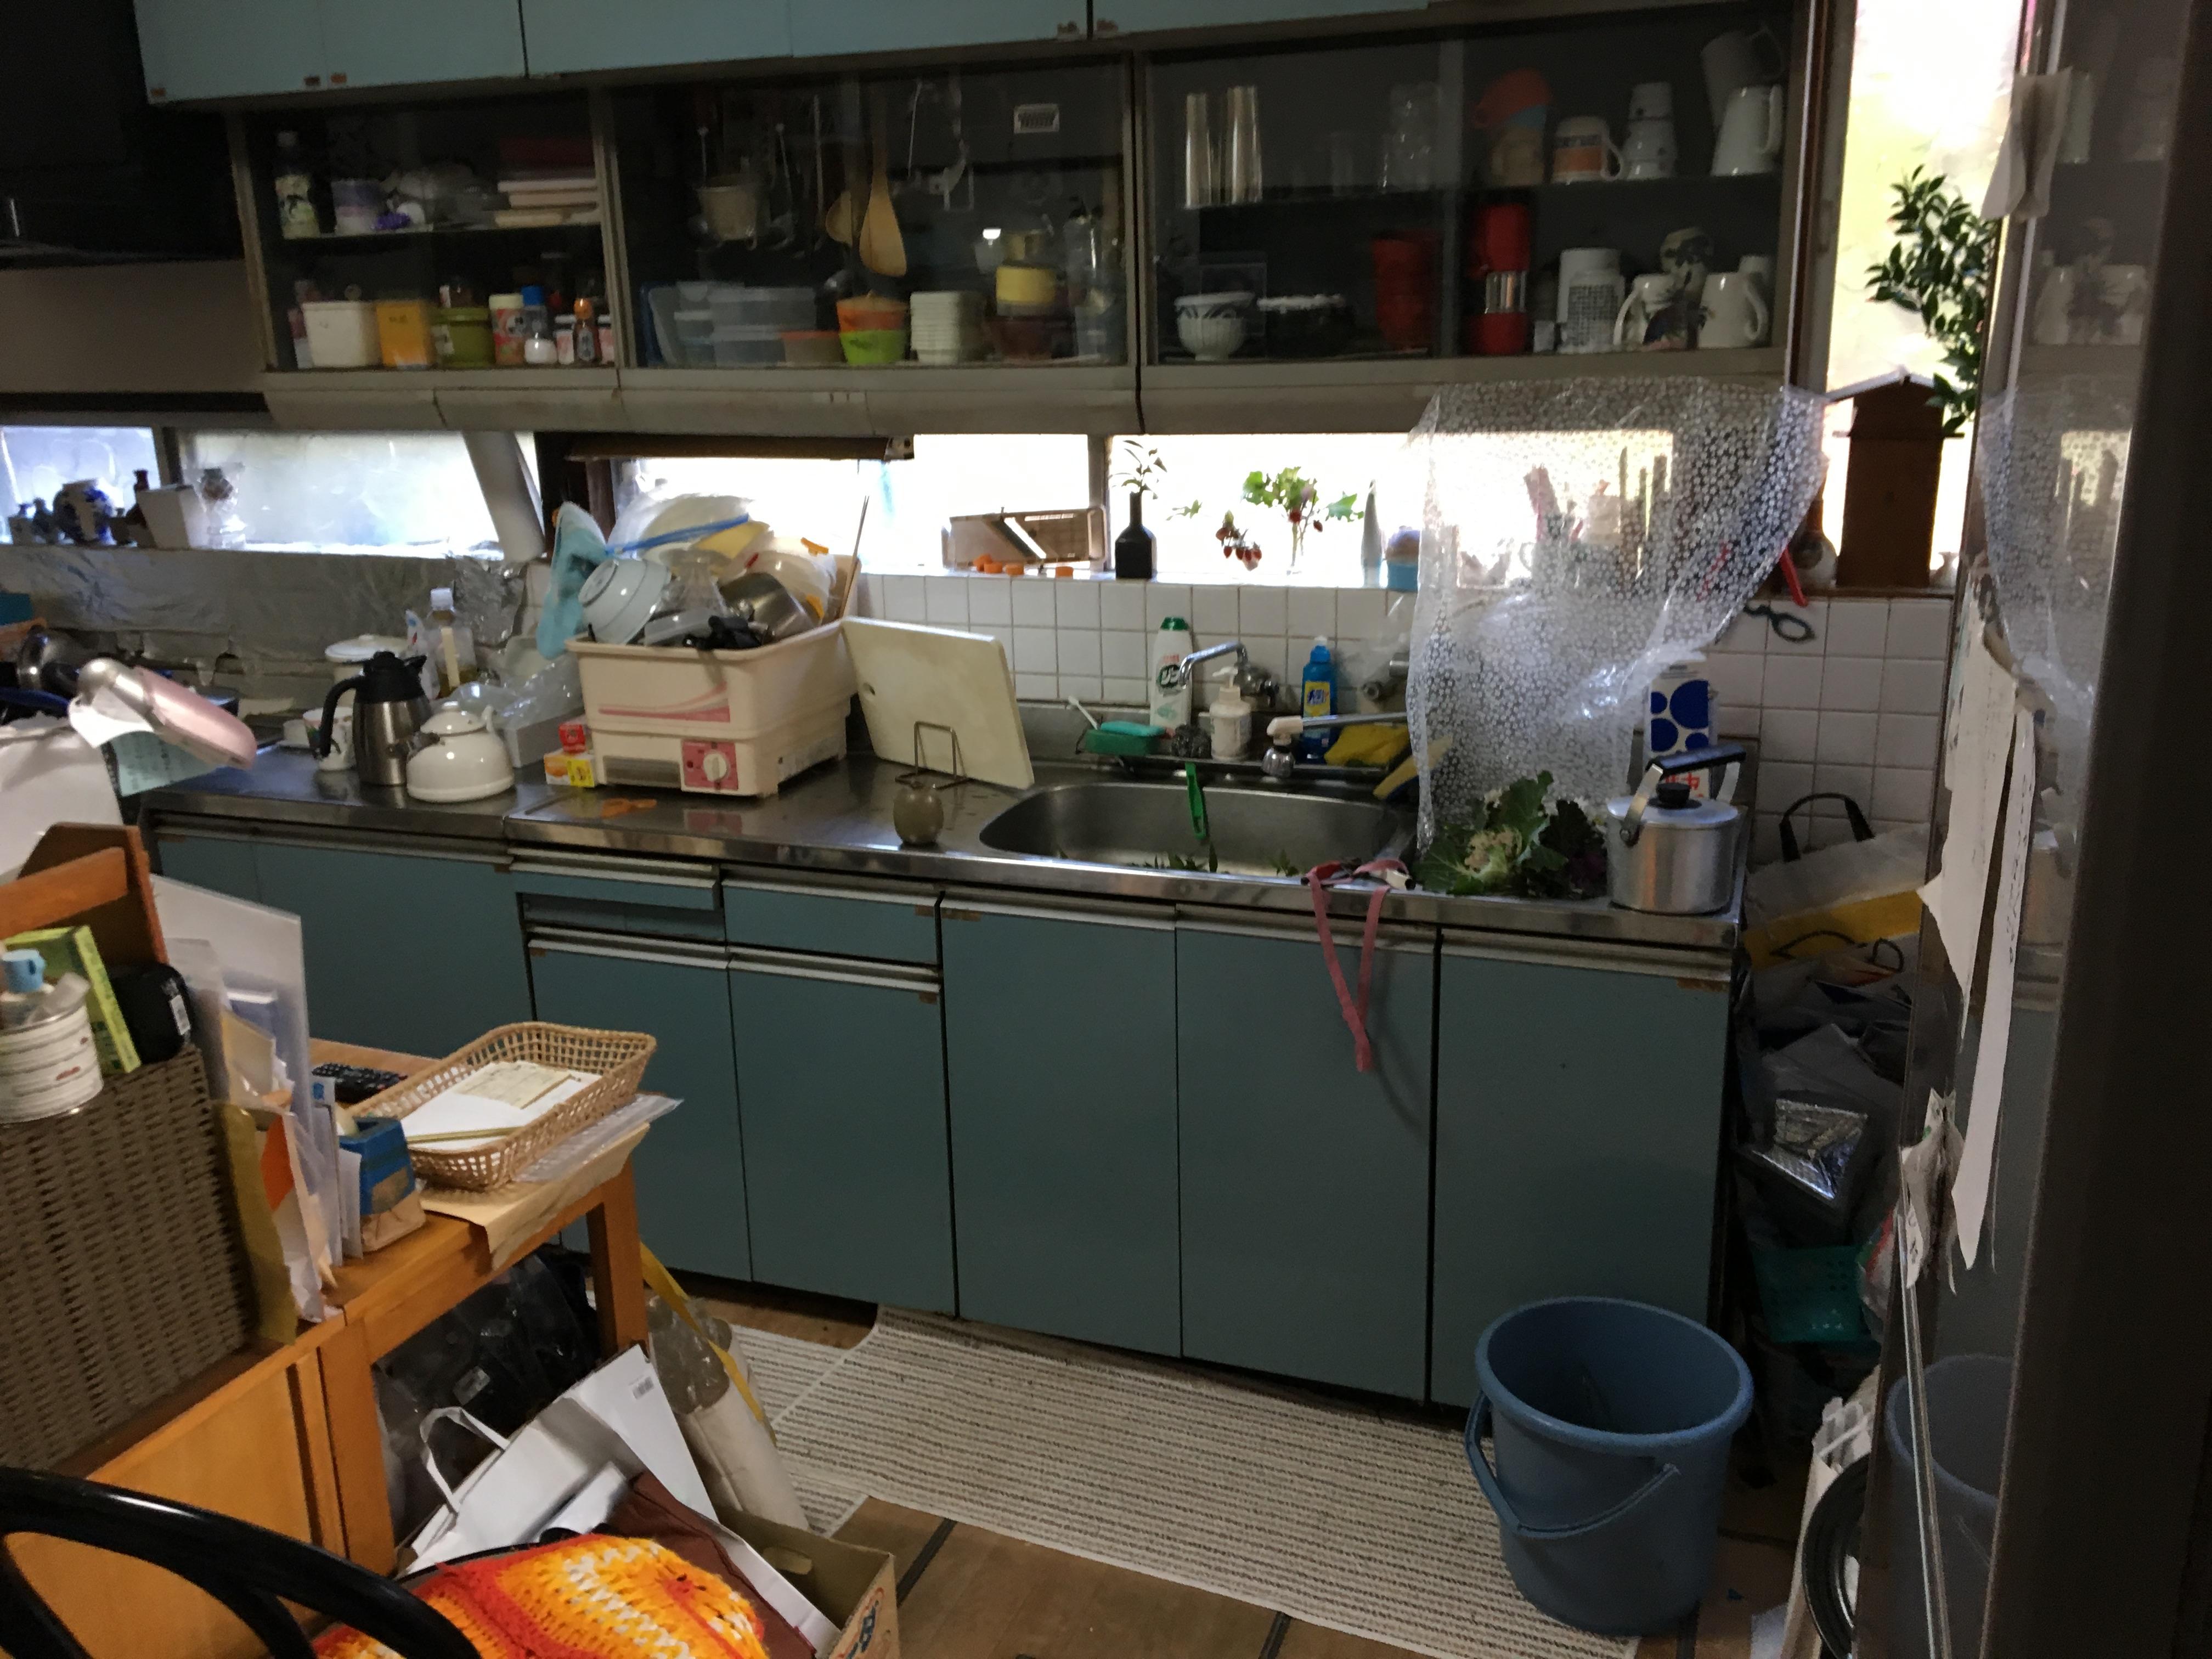 なんか薄暗いキッチンでした。また沢山の物であふれかえっておりました。。